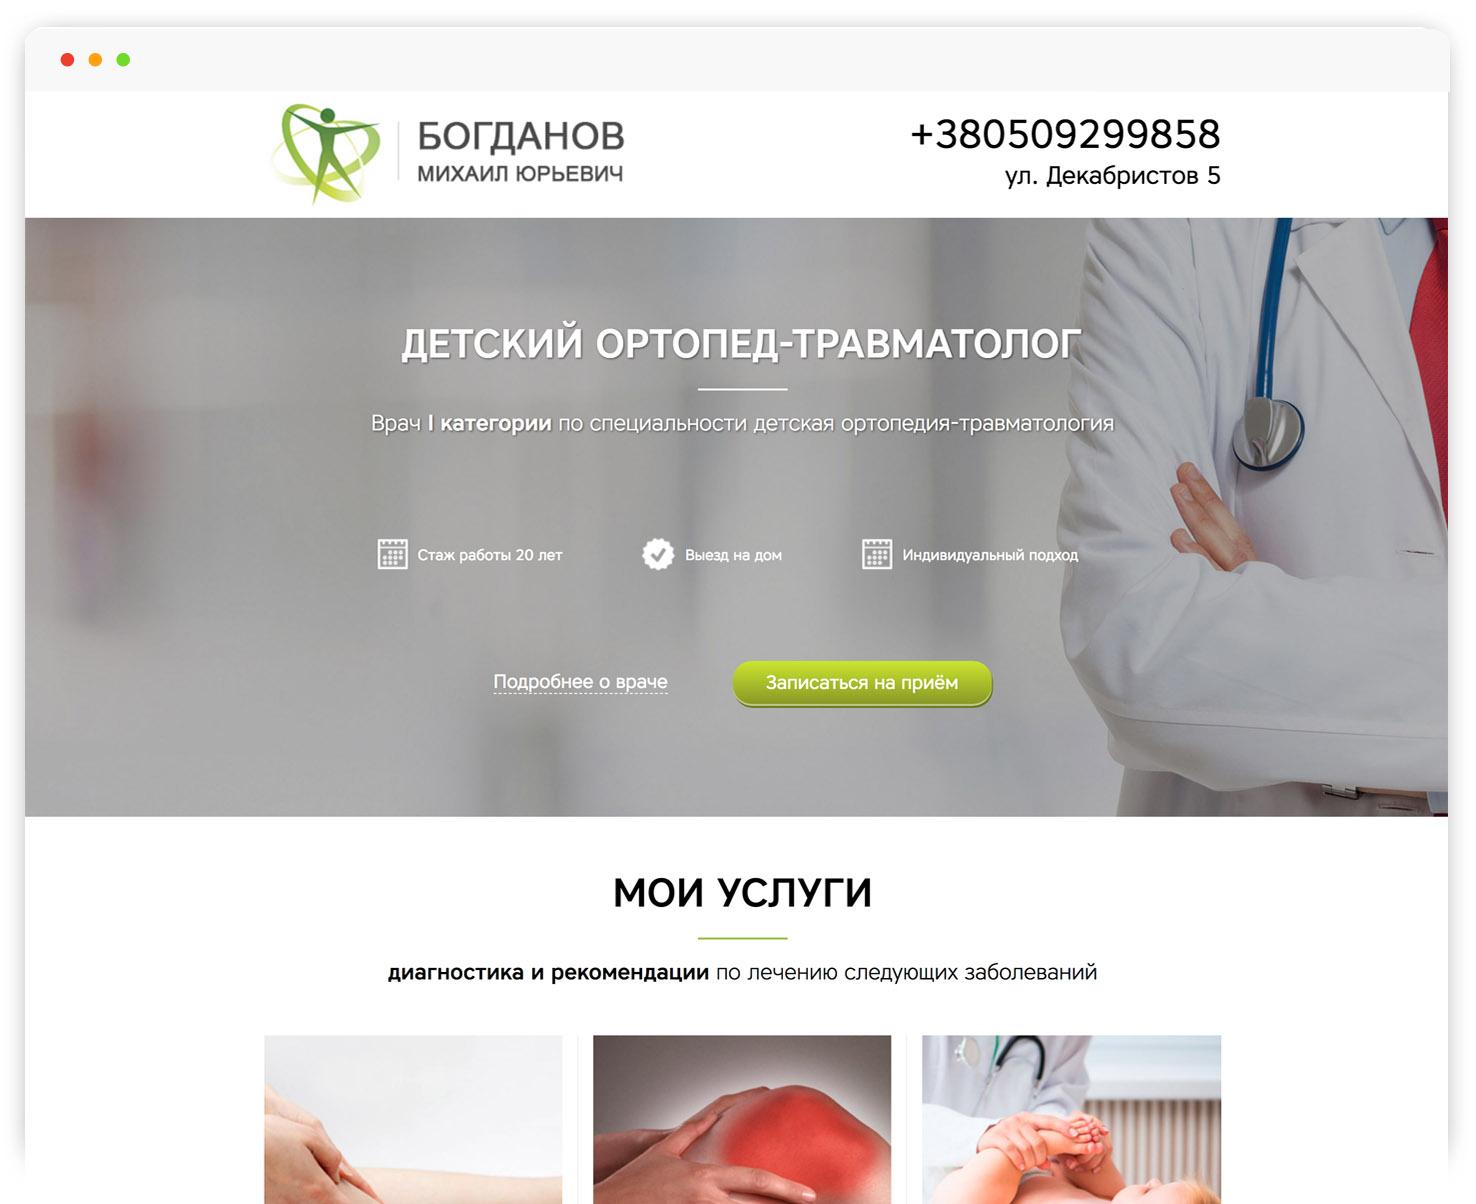 Частный кабинет ортопеда-травматолога